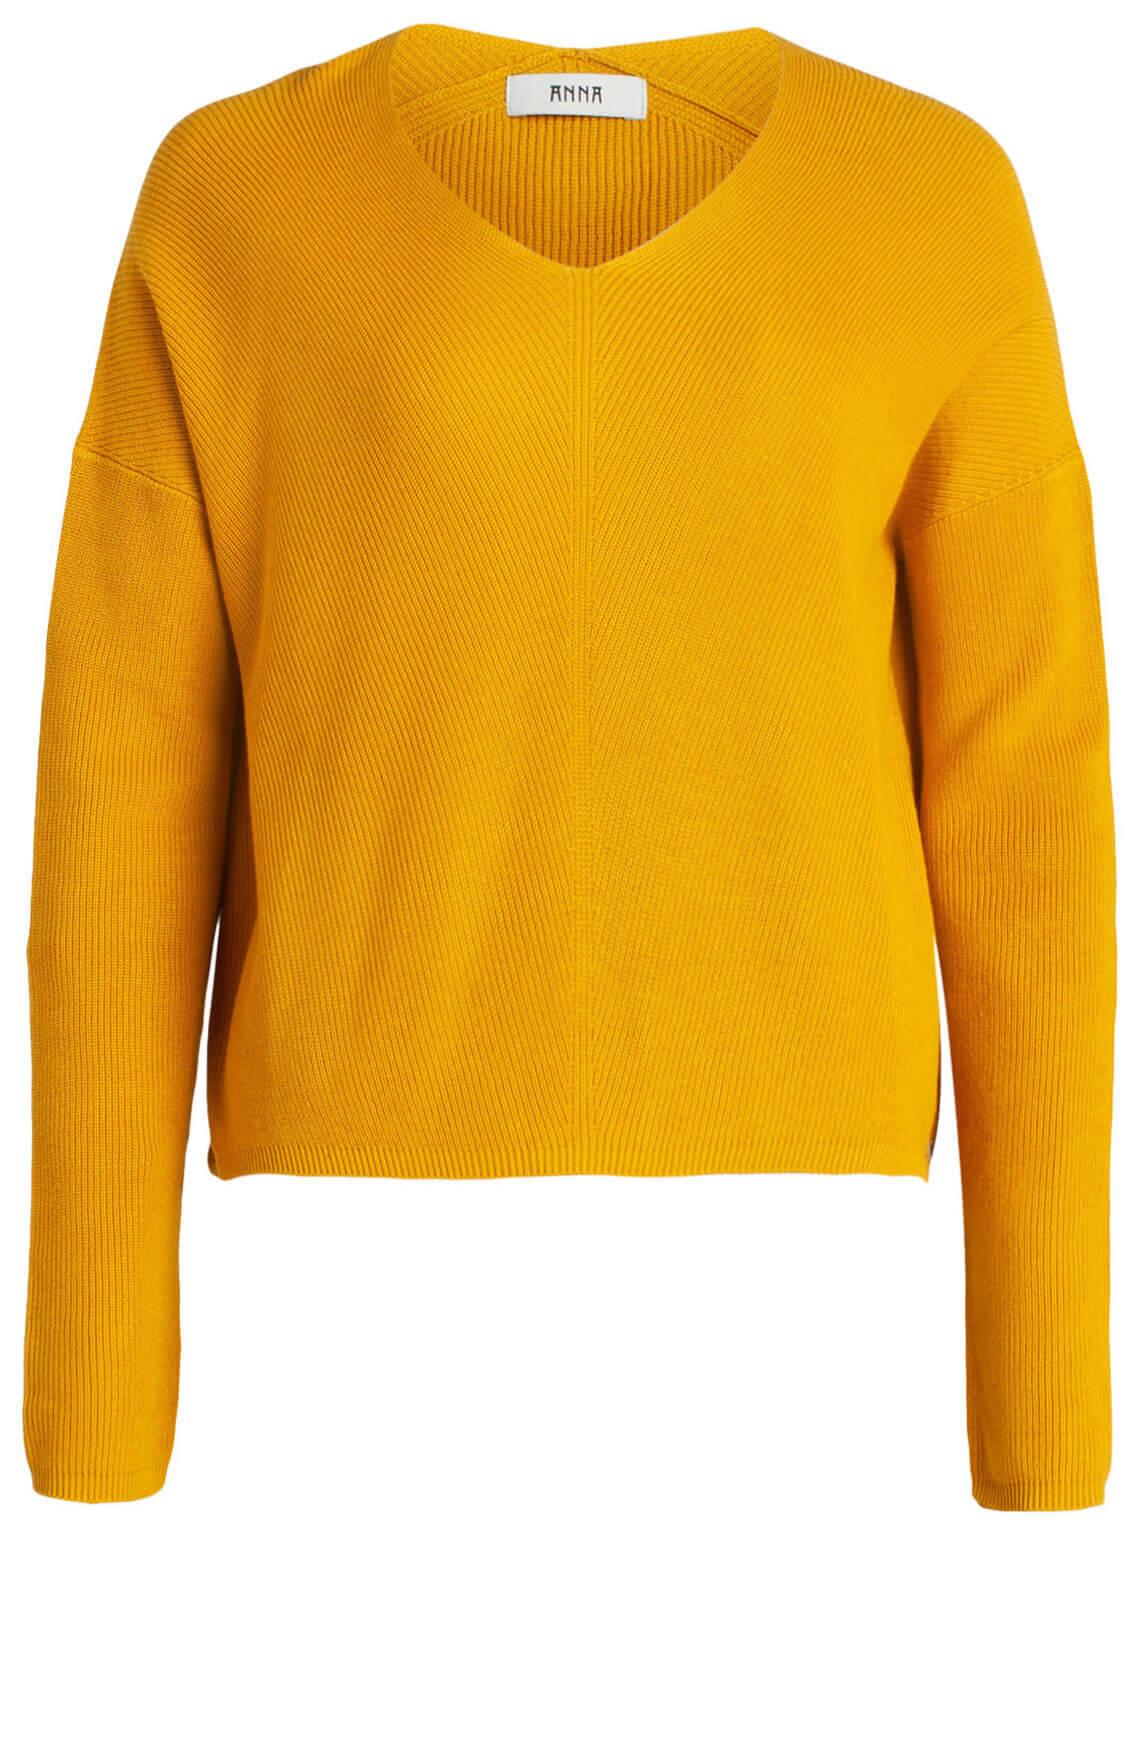 Anna Dames Pullover geel